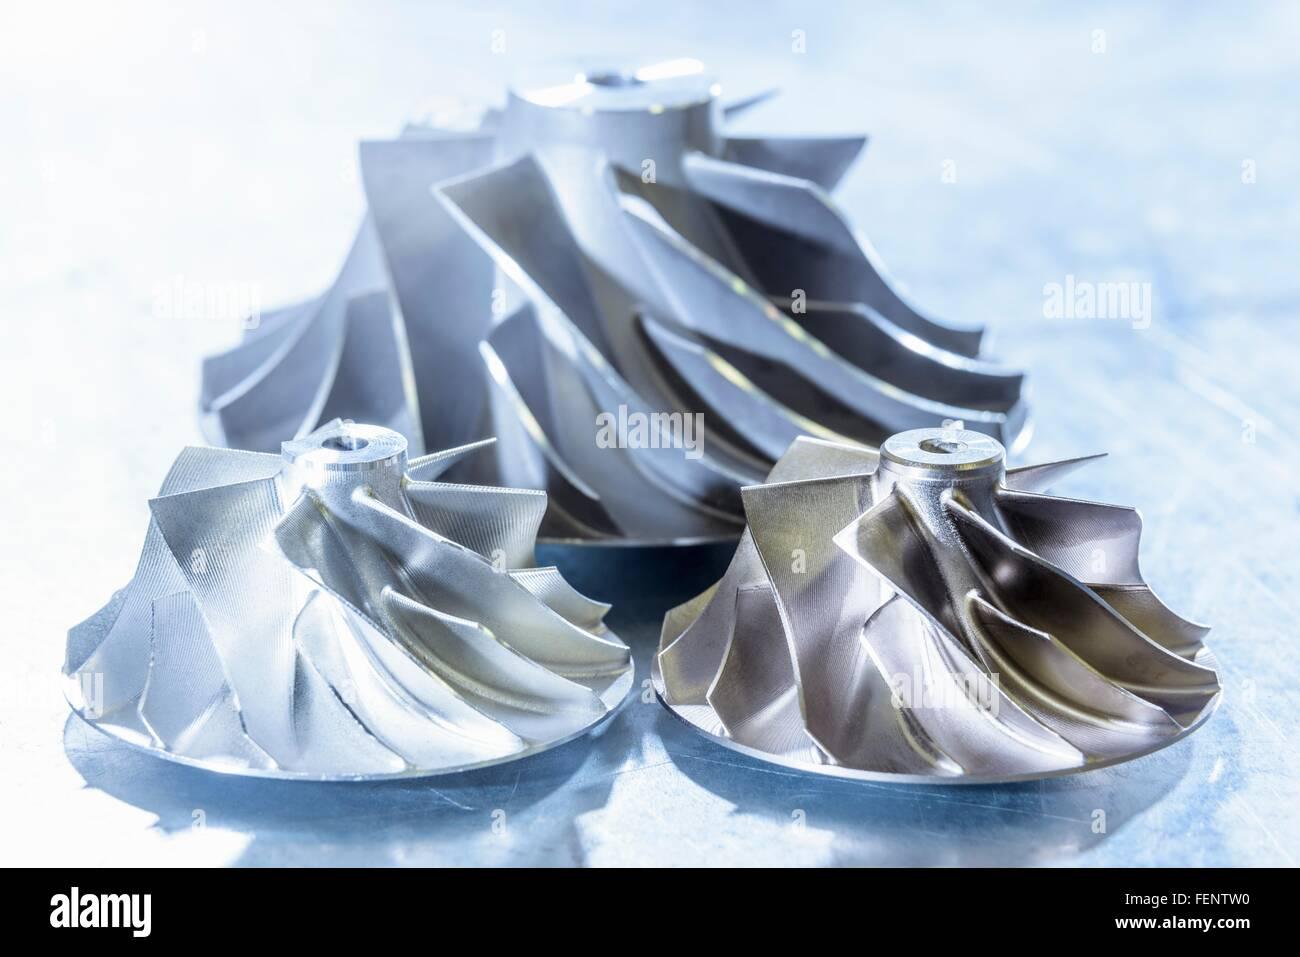 Cerca de las turbinas del turbocompresor en centro de investigación Foto de stock